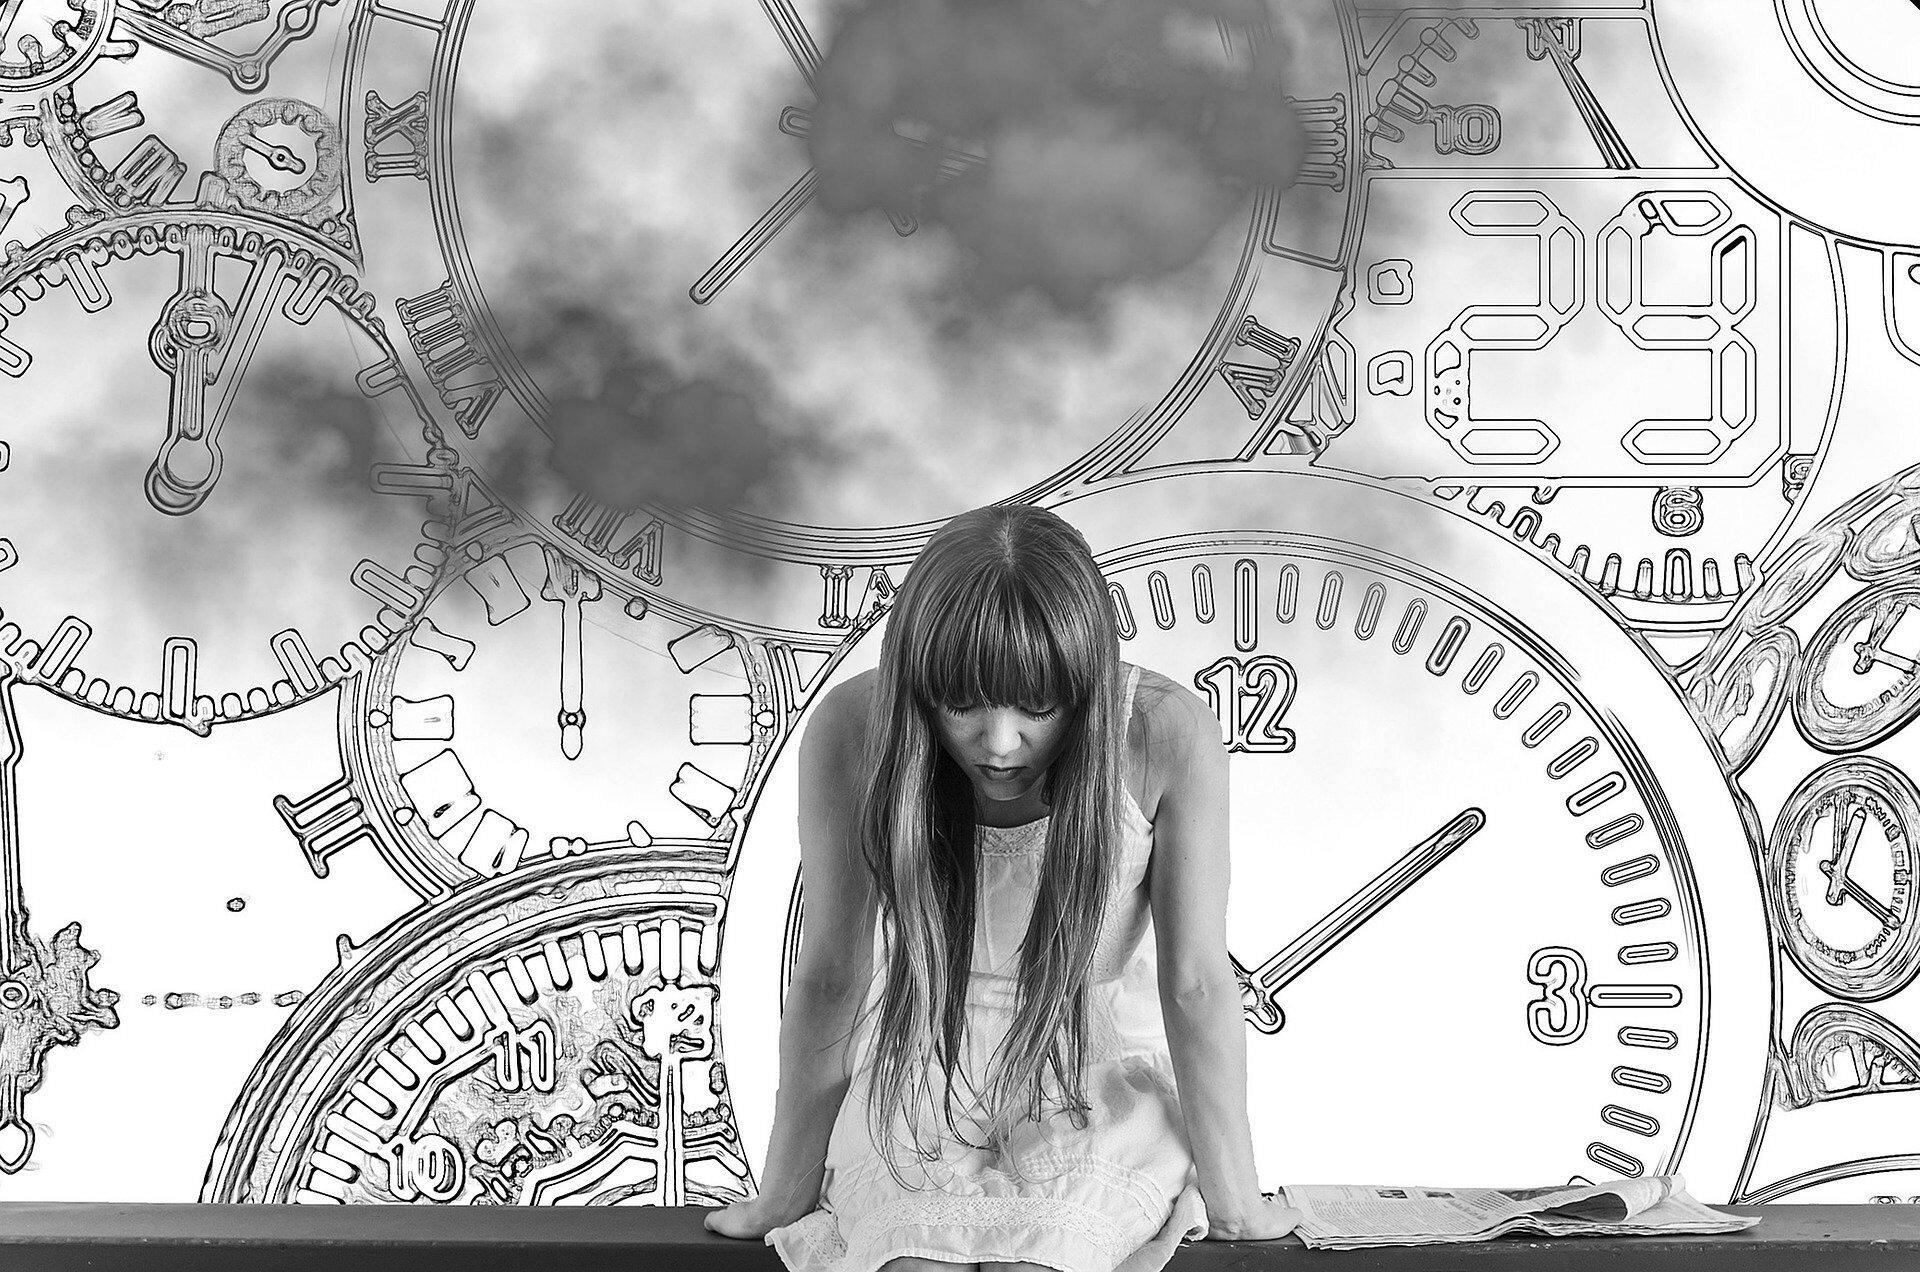 Какие сны видят люди в последние дни жизни